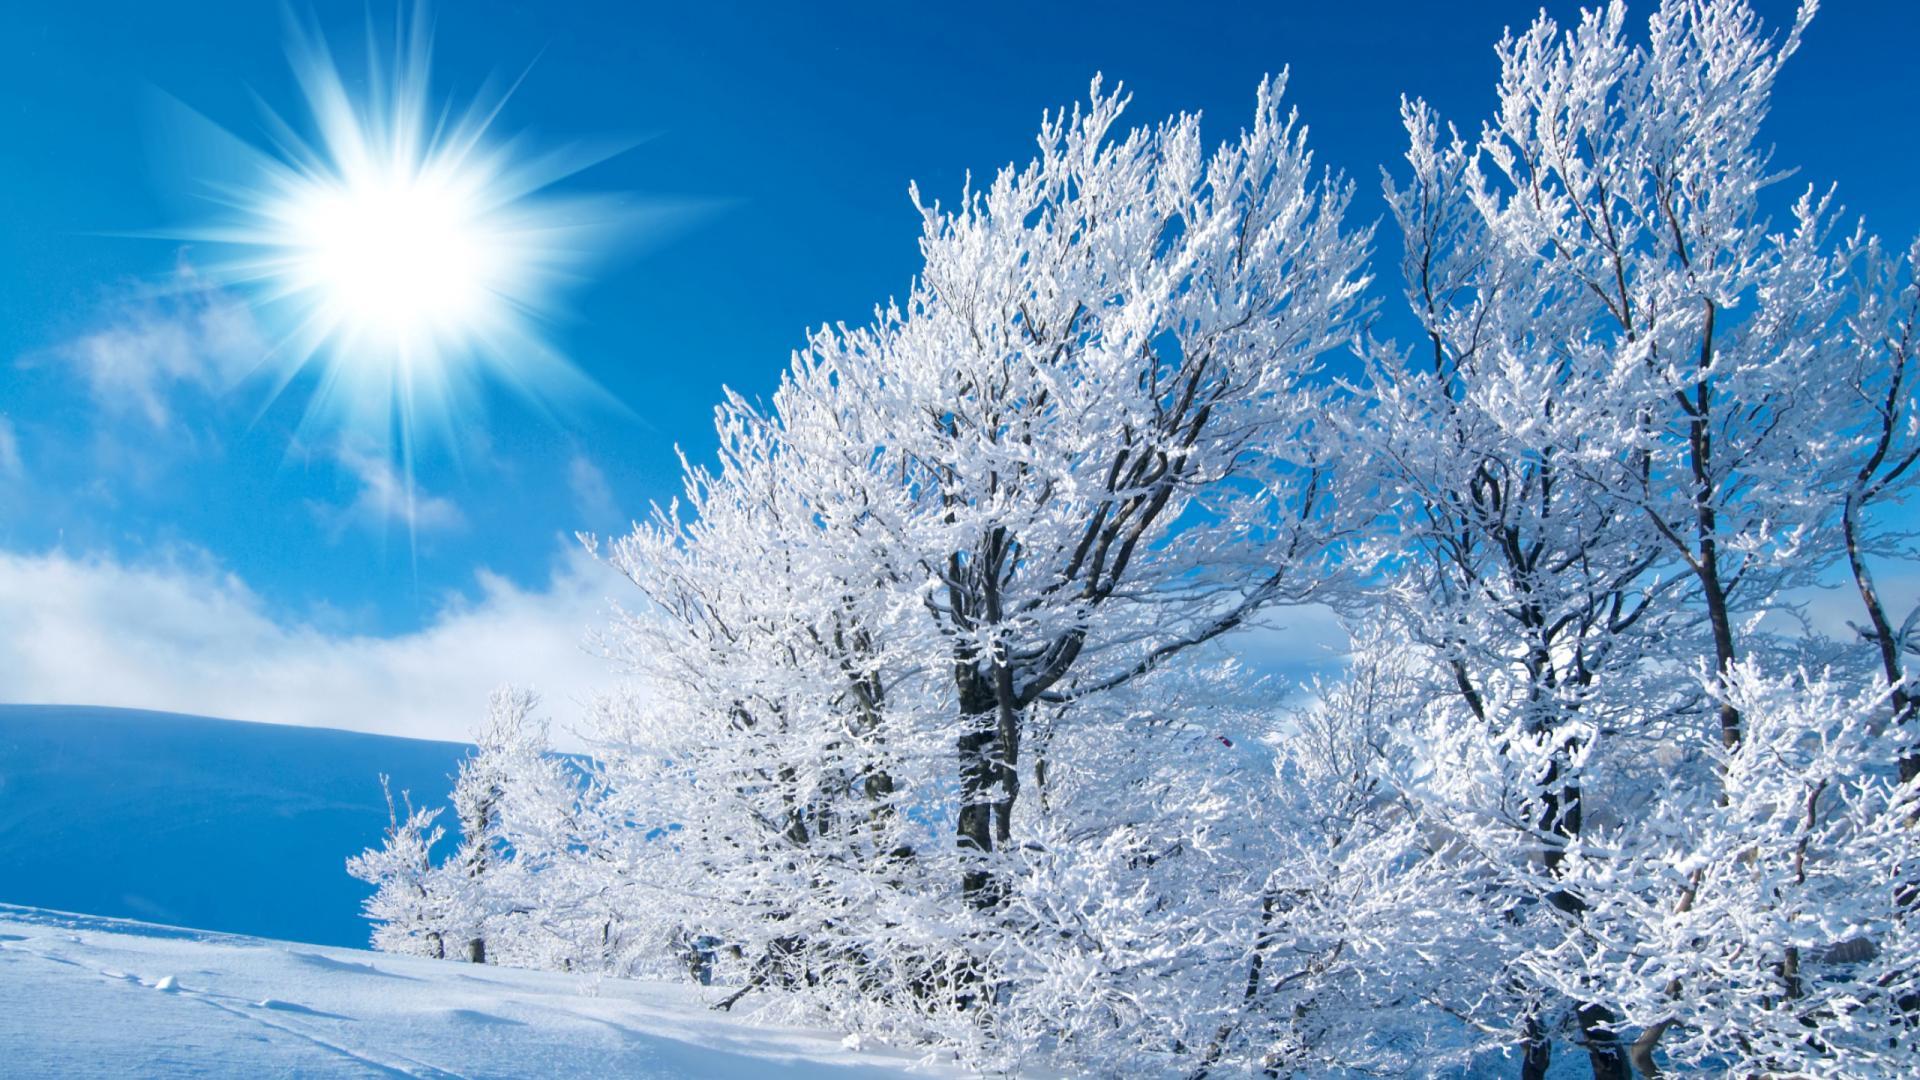 76] Desktop Winter Backgrounds on WallpaperSafari 1920x1080